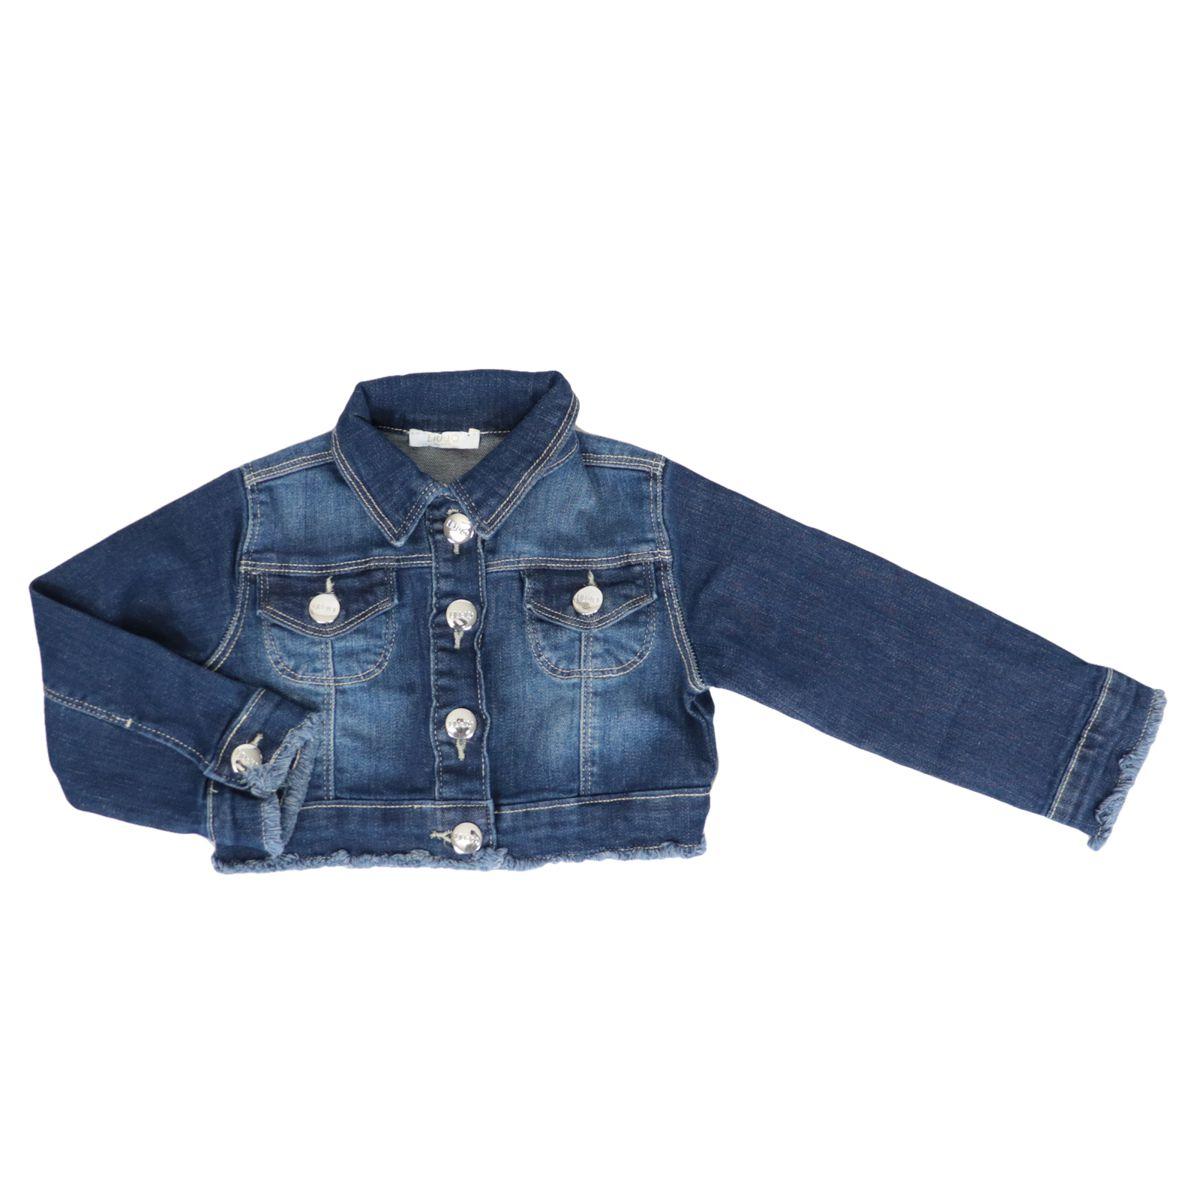 Denim denim jacket with stonewash wash Denim Liu Jo